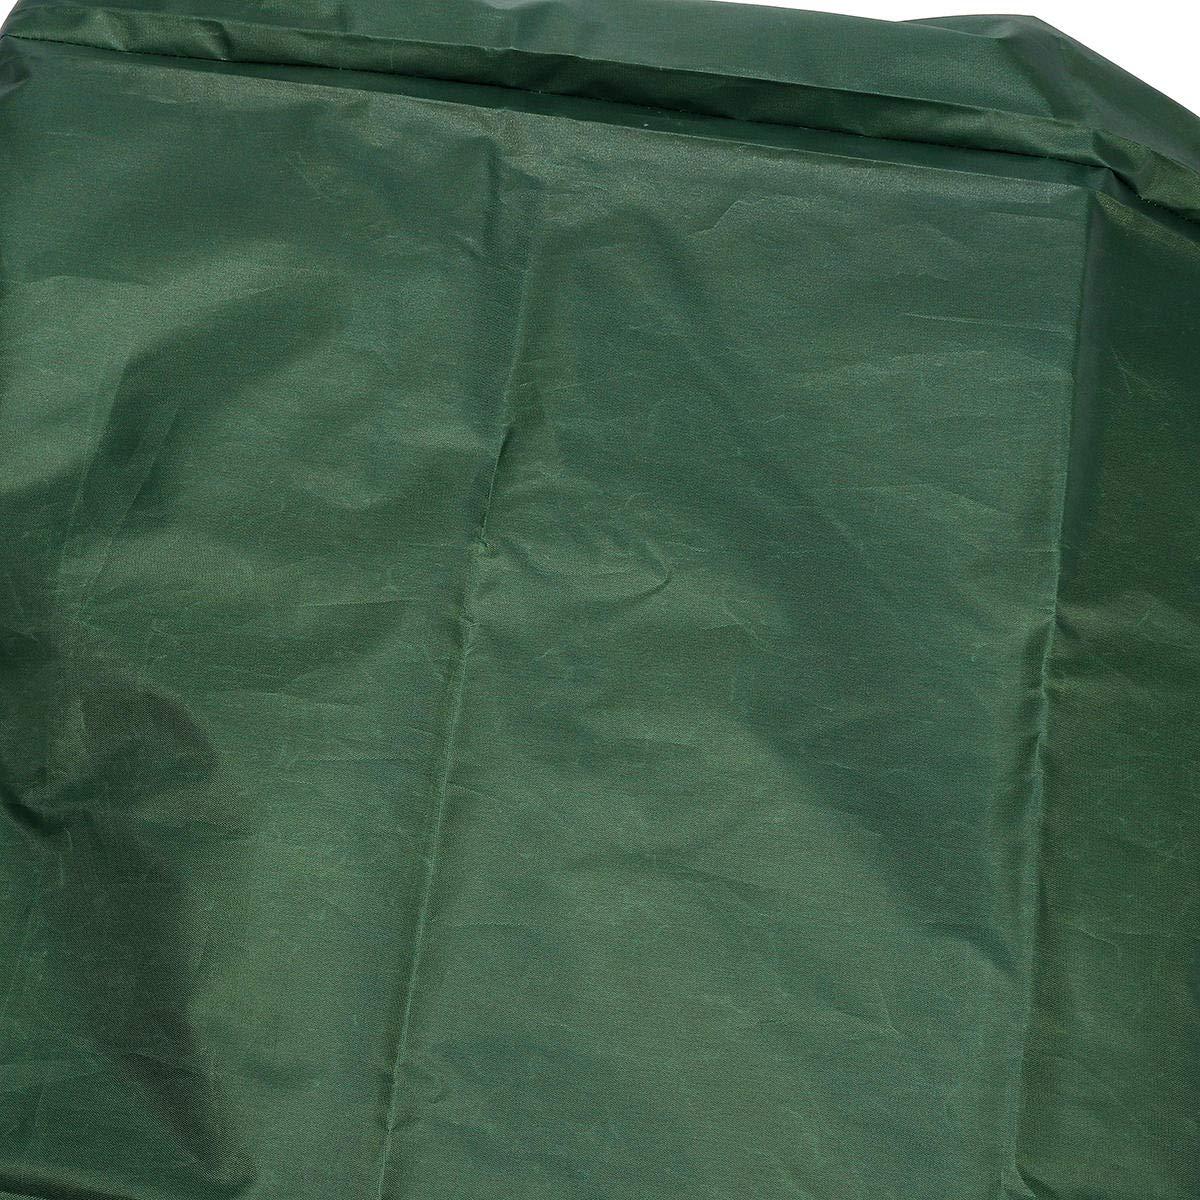 Garden Outdoor Furniture Cover - 1PCs